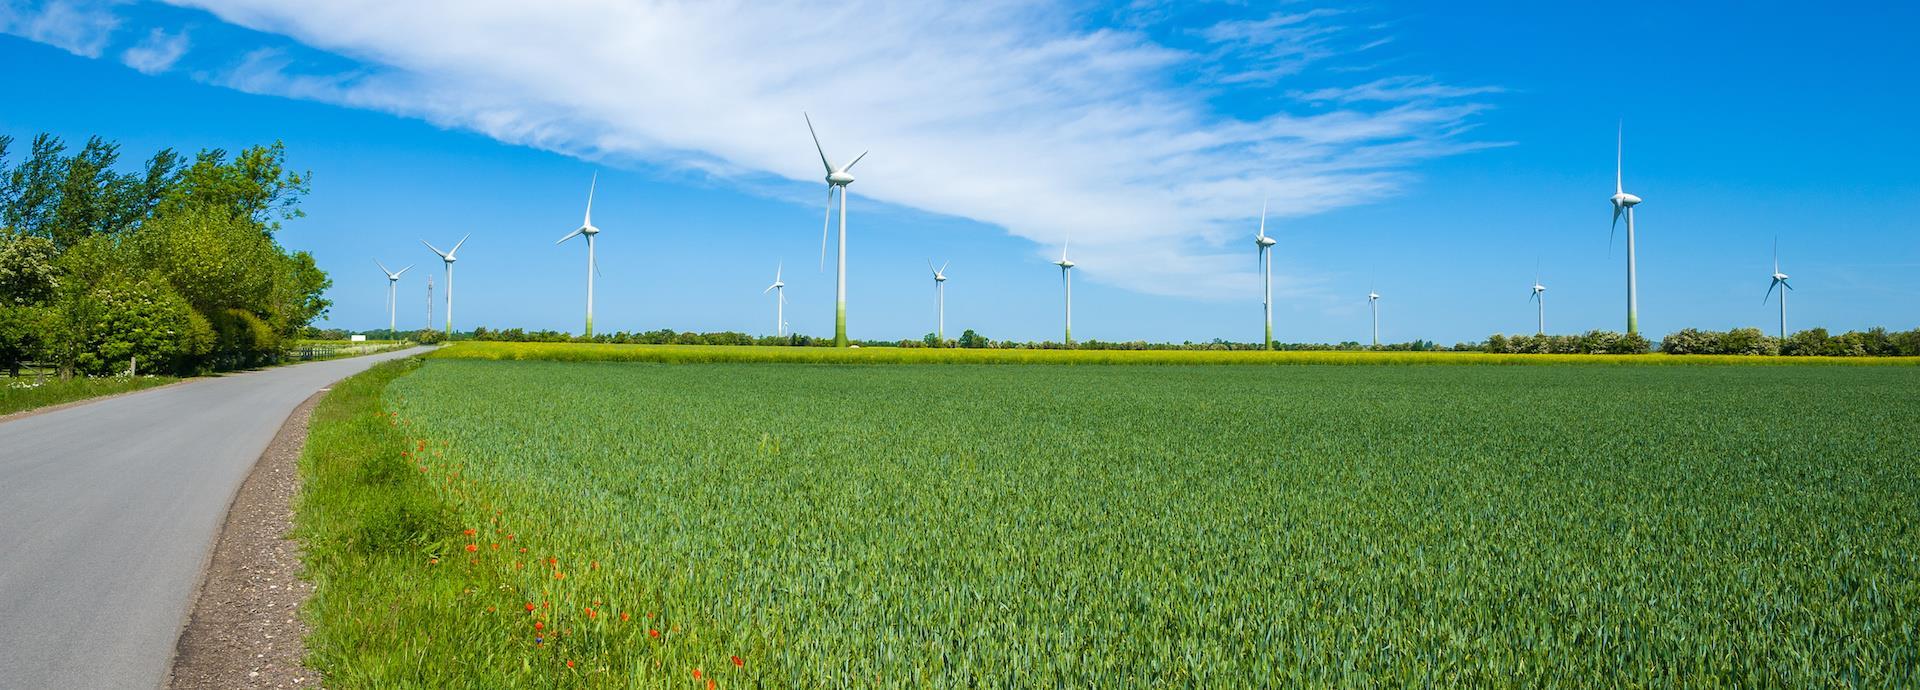 Wind turbines in a field in Europe